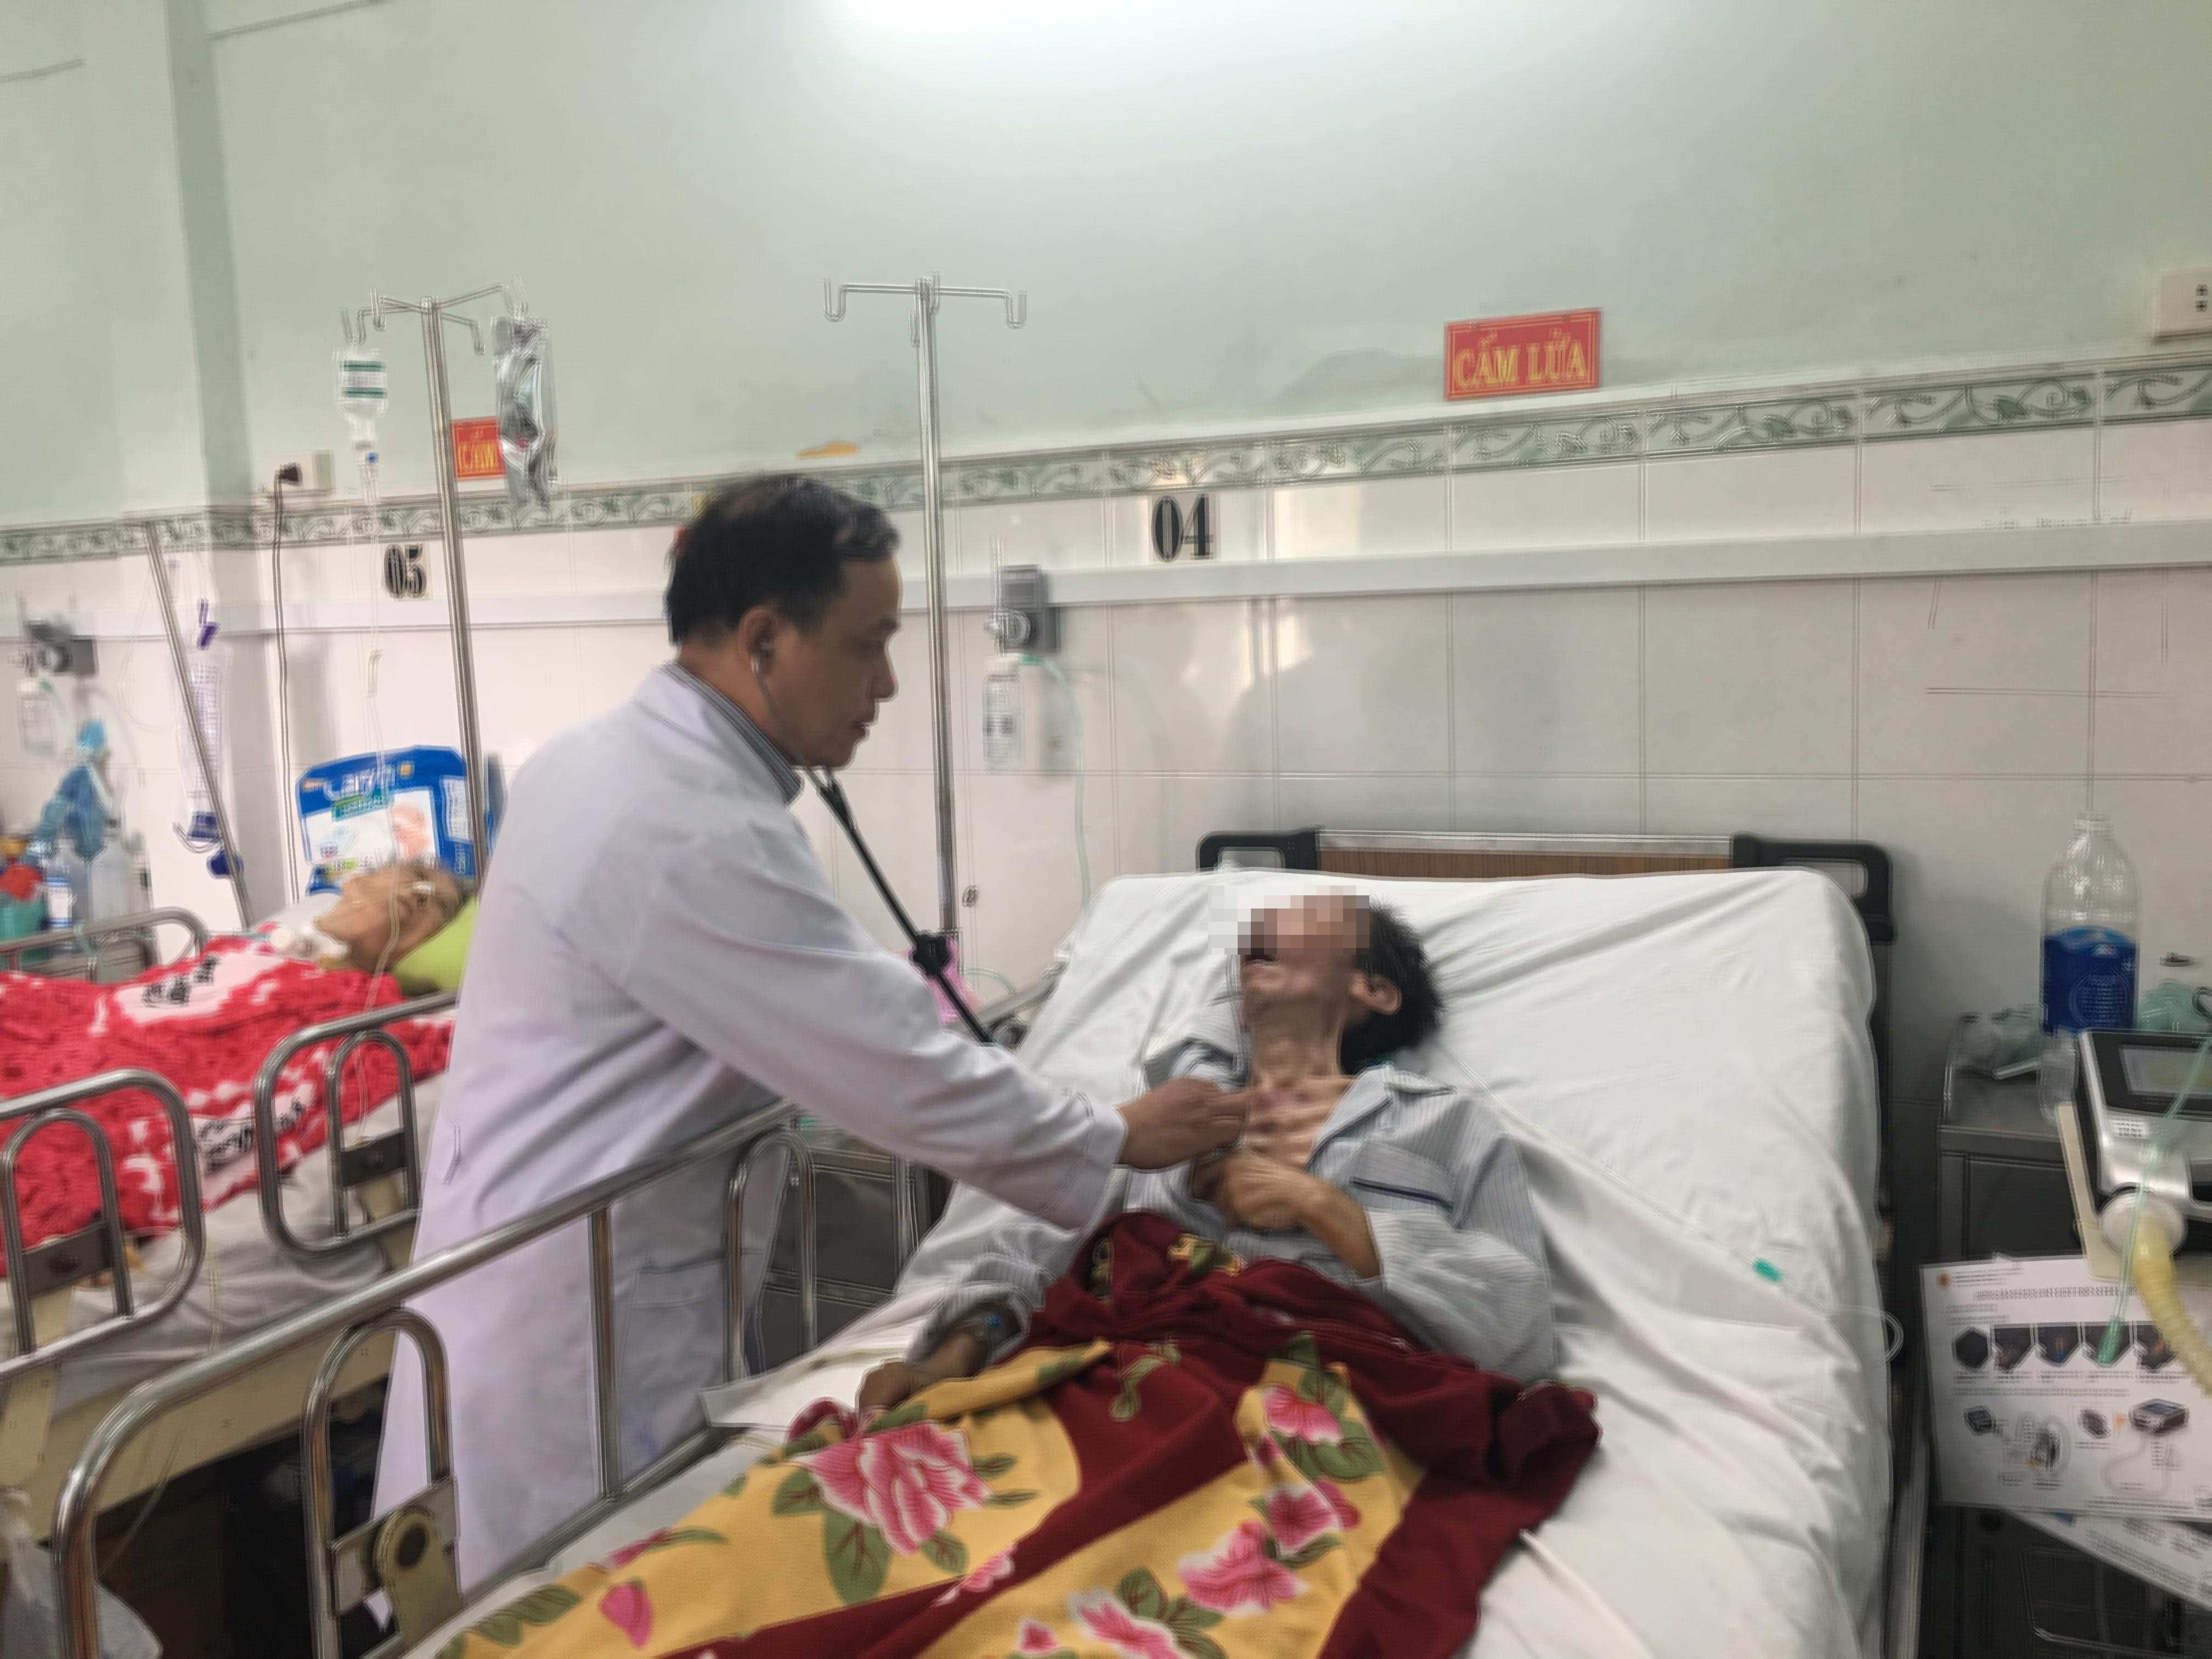 Bệnh nhân Trần Văn S. hiện đang được chăm sóc tại khoa Nội Hô hấp, BV Nguyễn Tri Phương